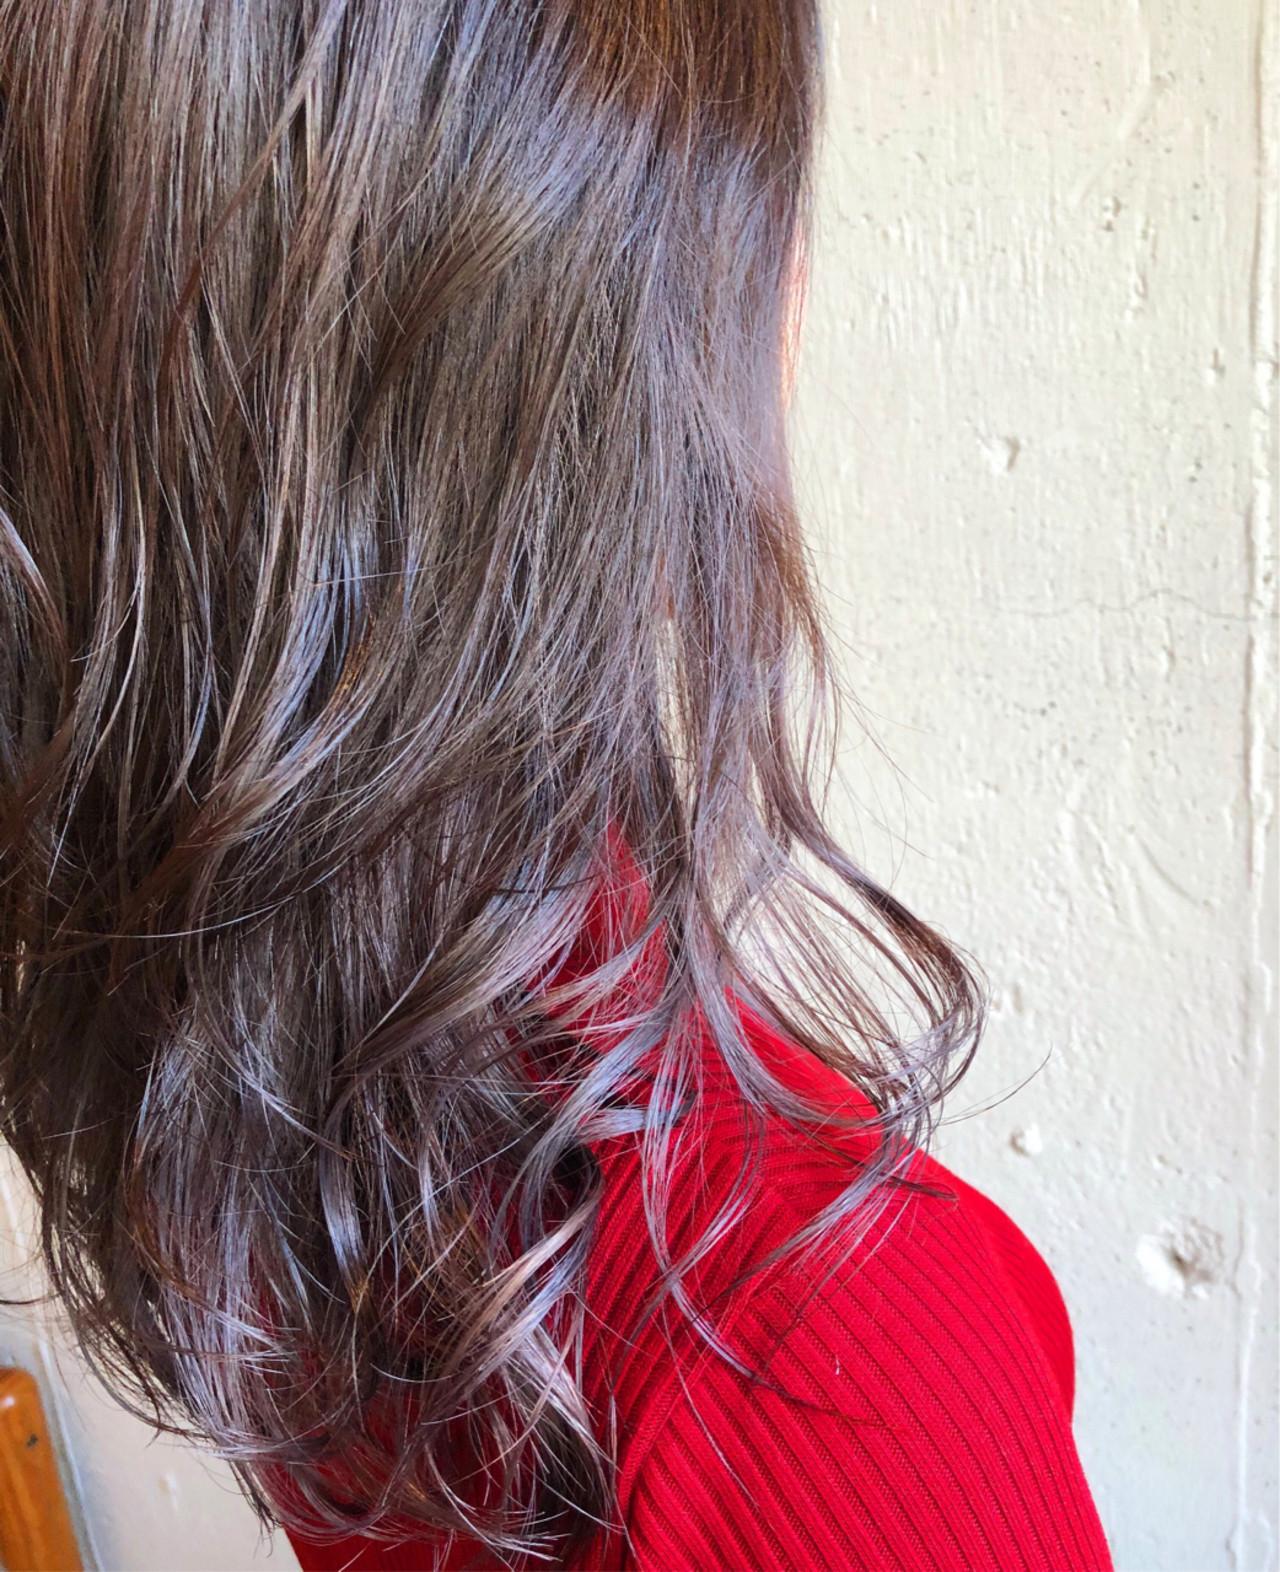 ナチュラル セミロング グレージュ ピンクアッシュ ヘアスタイルや髪型の写真・画像